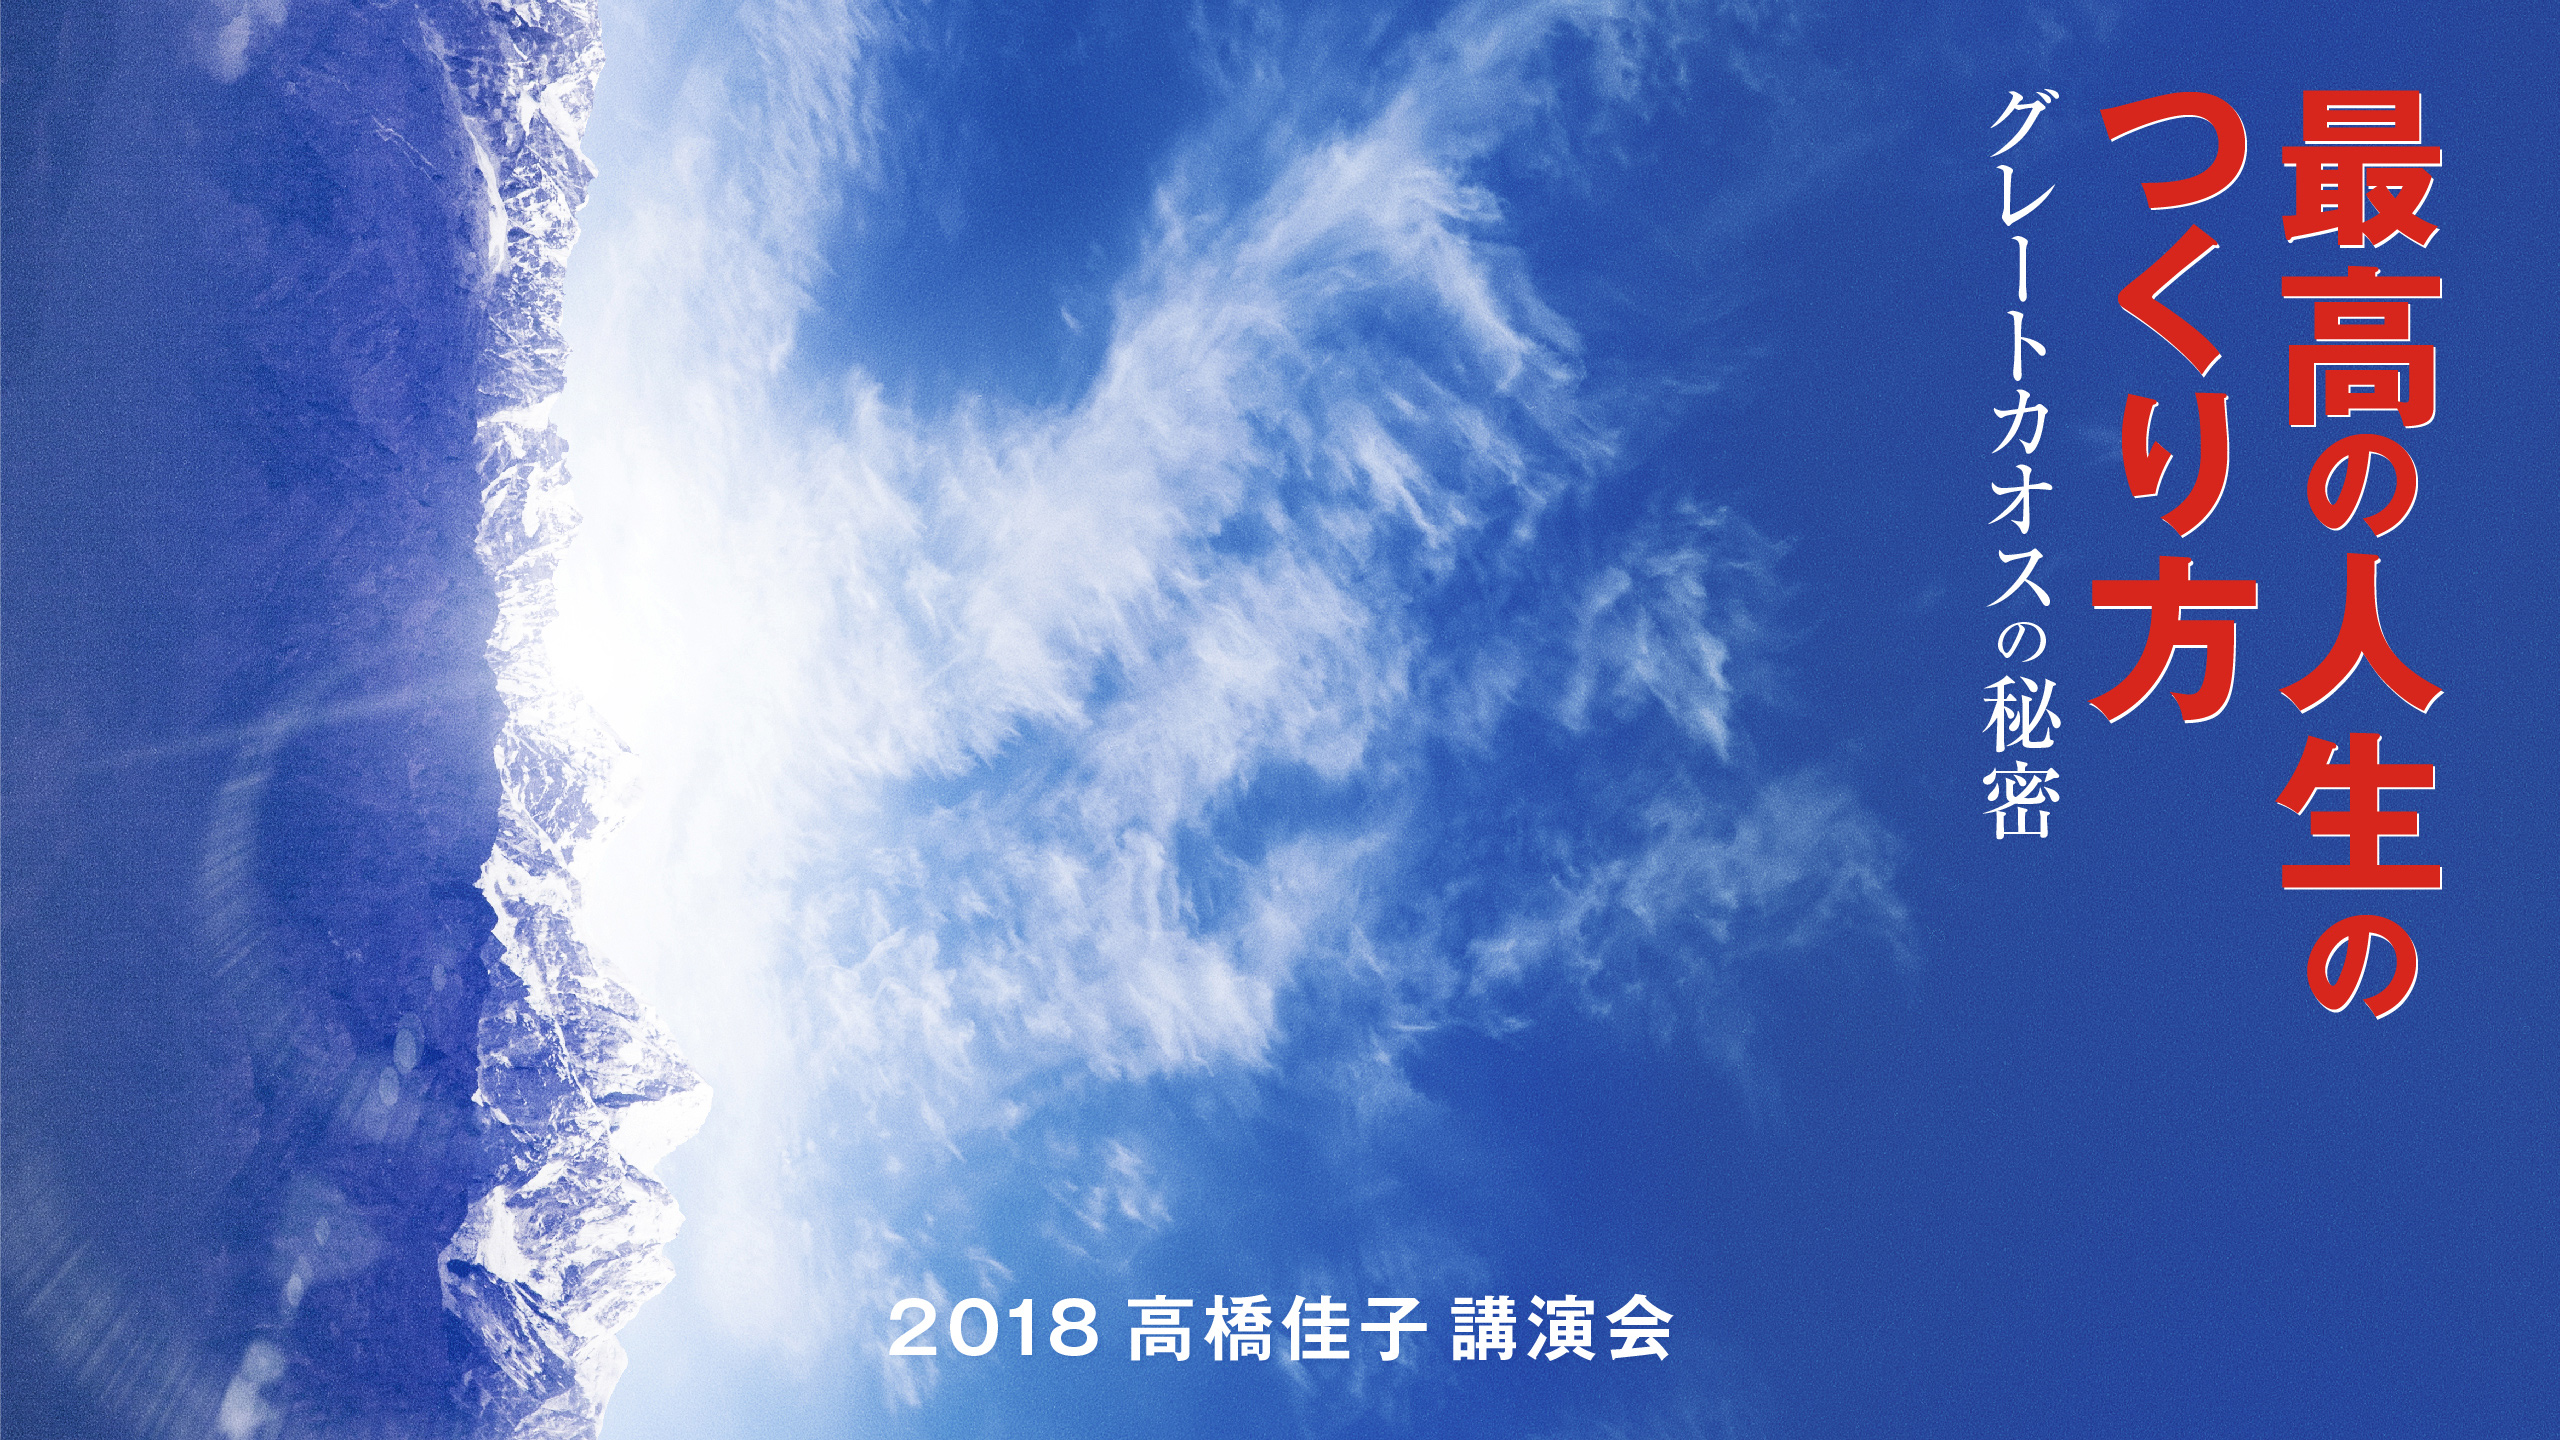 10月下旬発刊予定の 最高の人生のつくり方 グレートカオスの秘密 と 18高橋佳子講演会 の壁紙がダウンロードできますので ぜひご活用ください 三宝出版